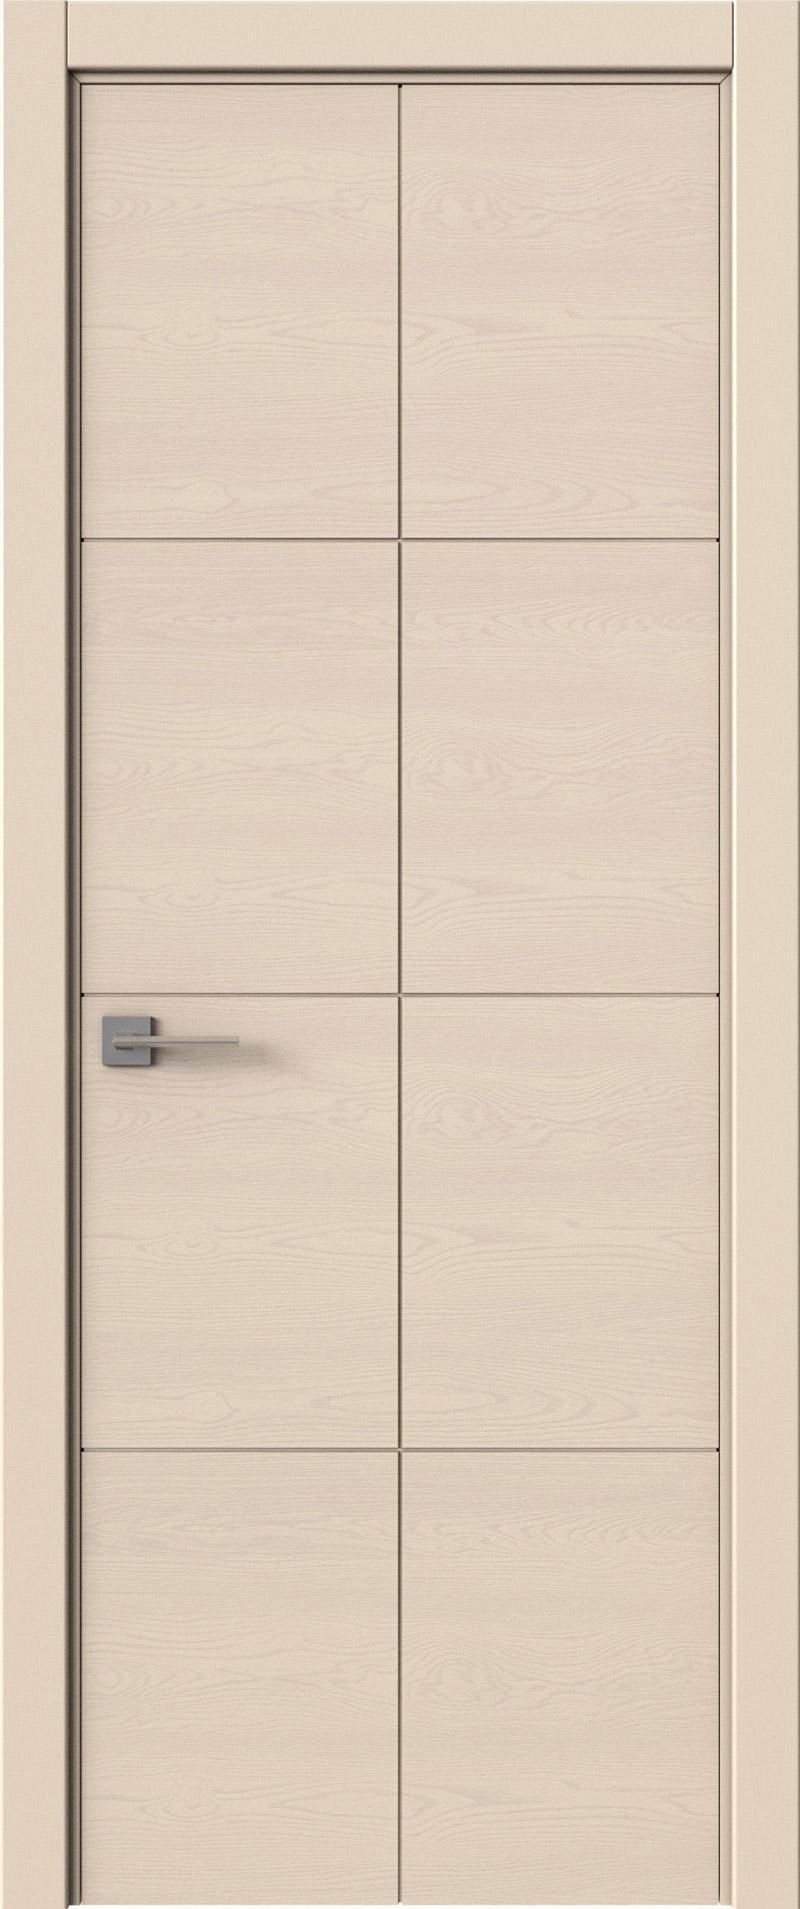 Tivoli Л-2 цвет - Жемчужная эмаль по шпону (RAL 1013) Без стекла (ДГ)